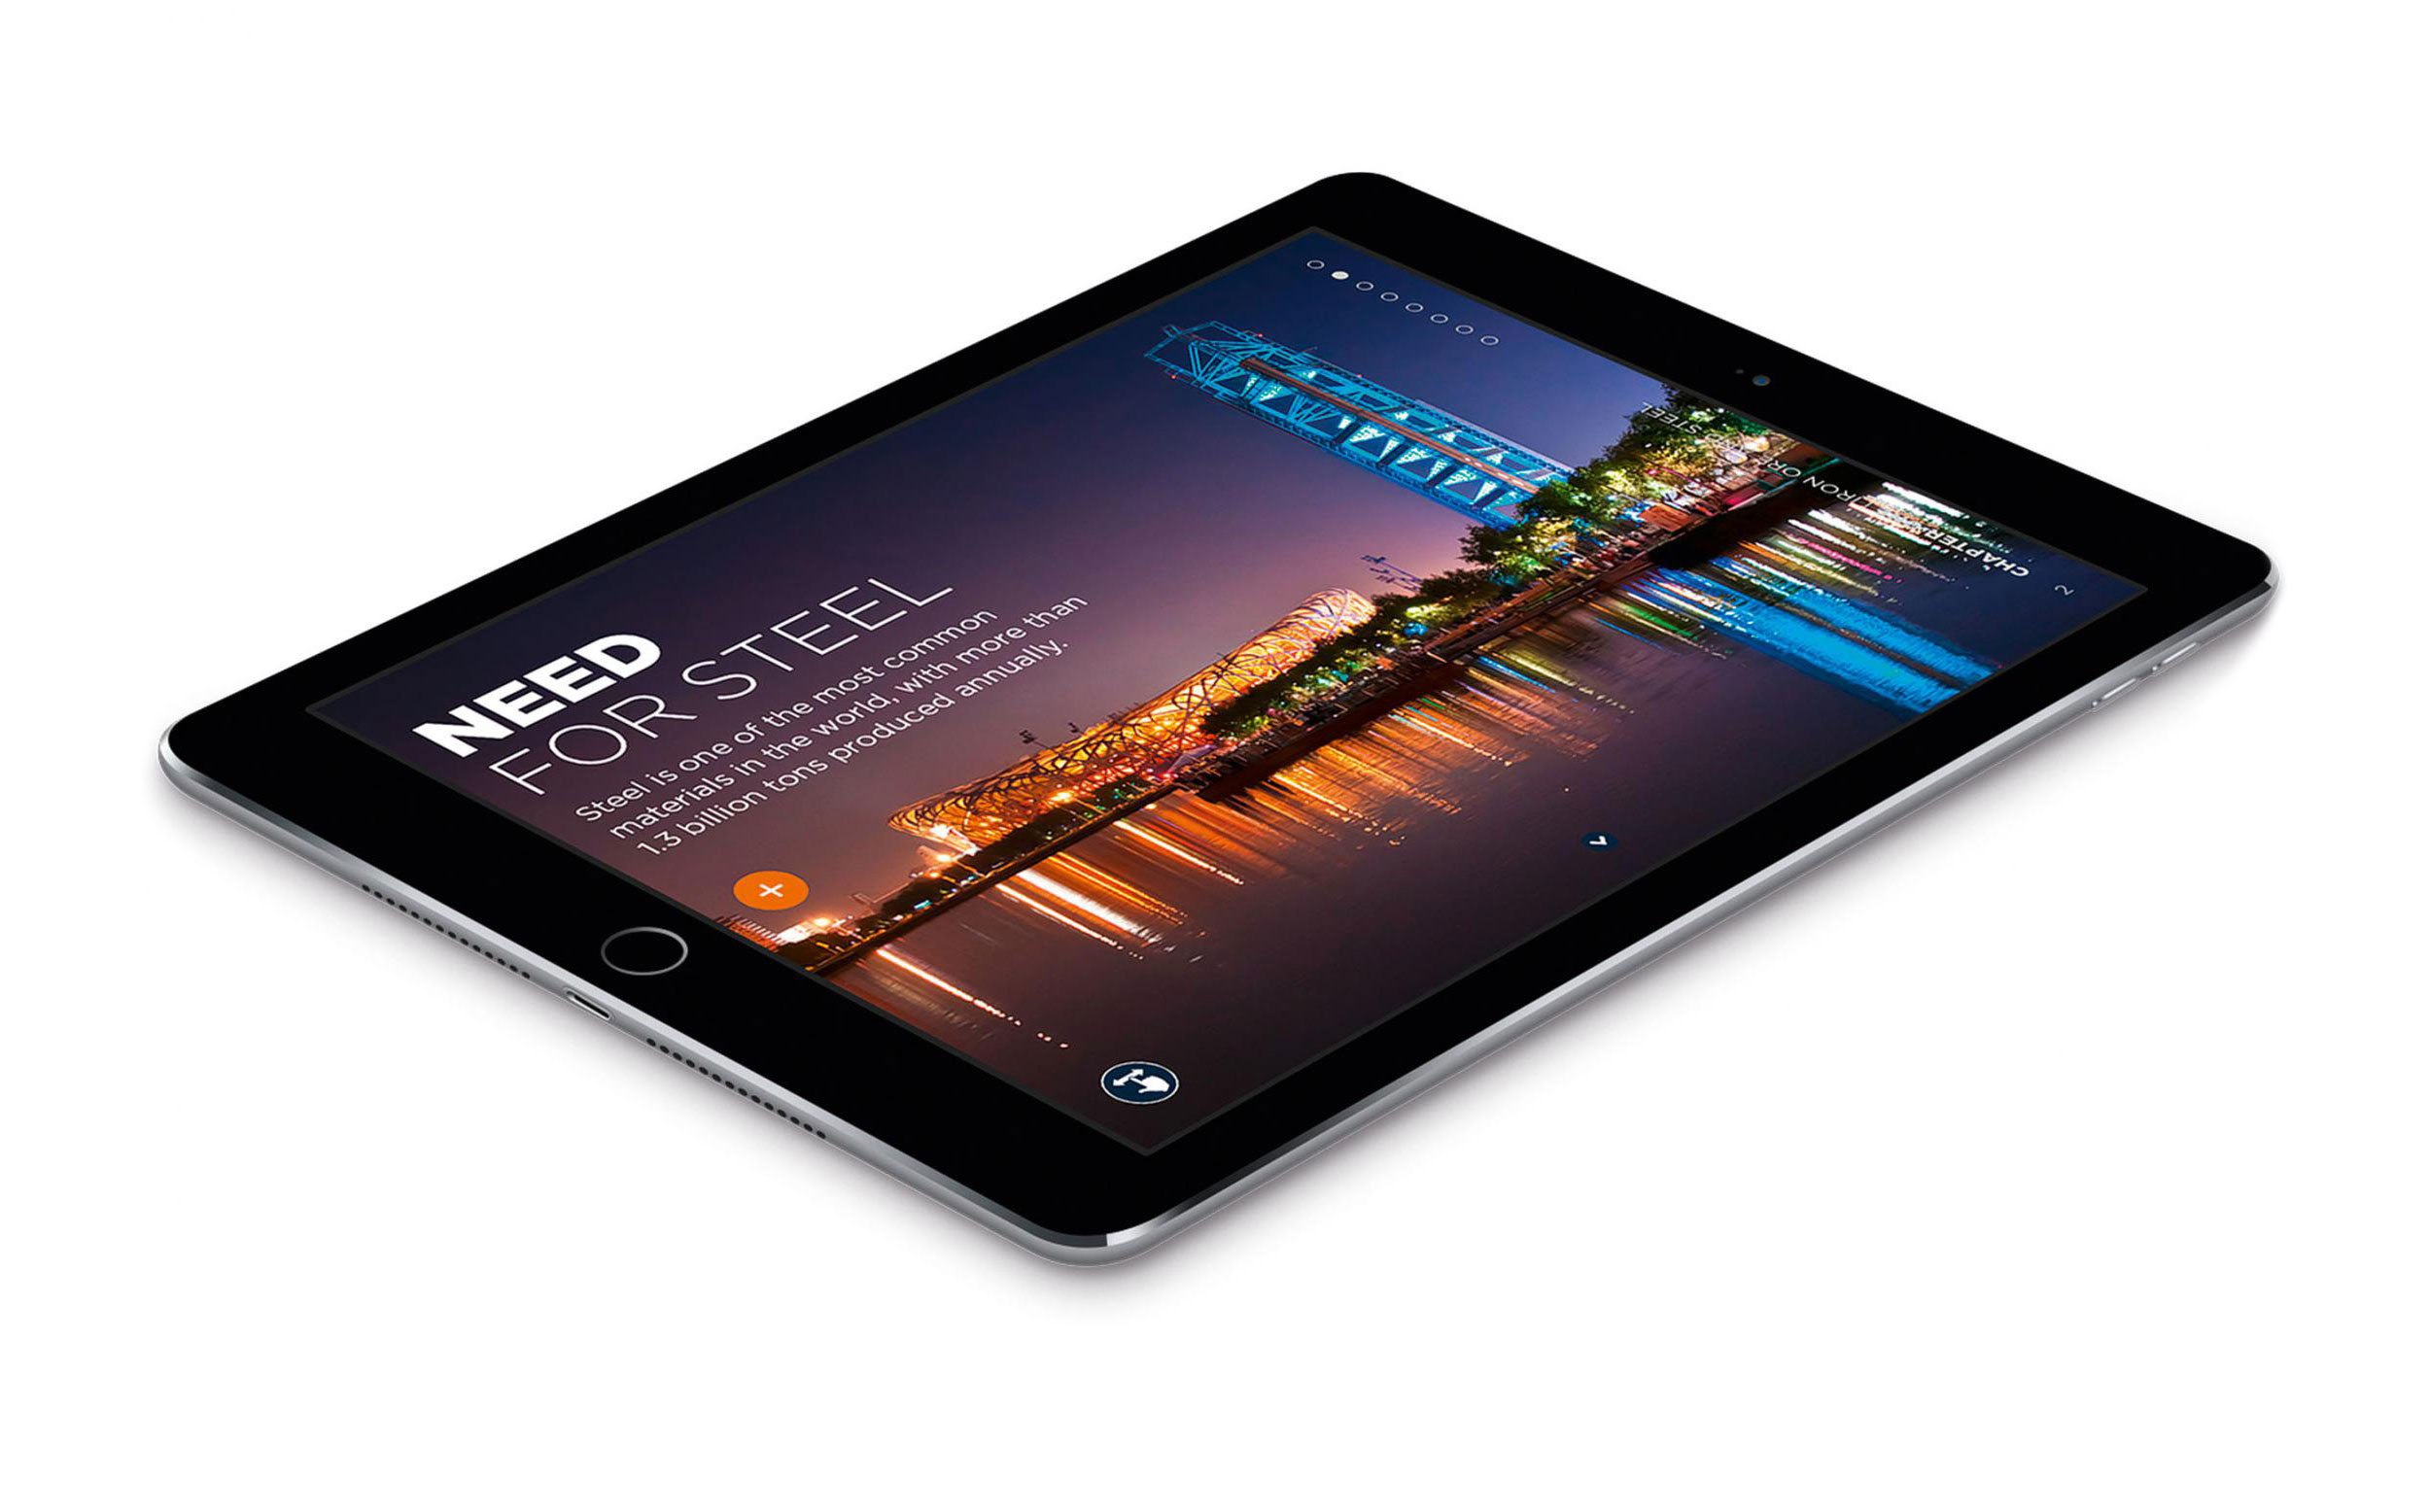 Primetals Metals Technologies iPad layout